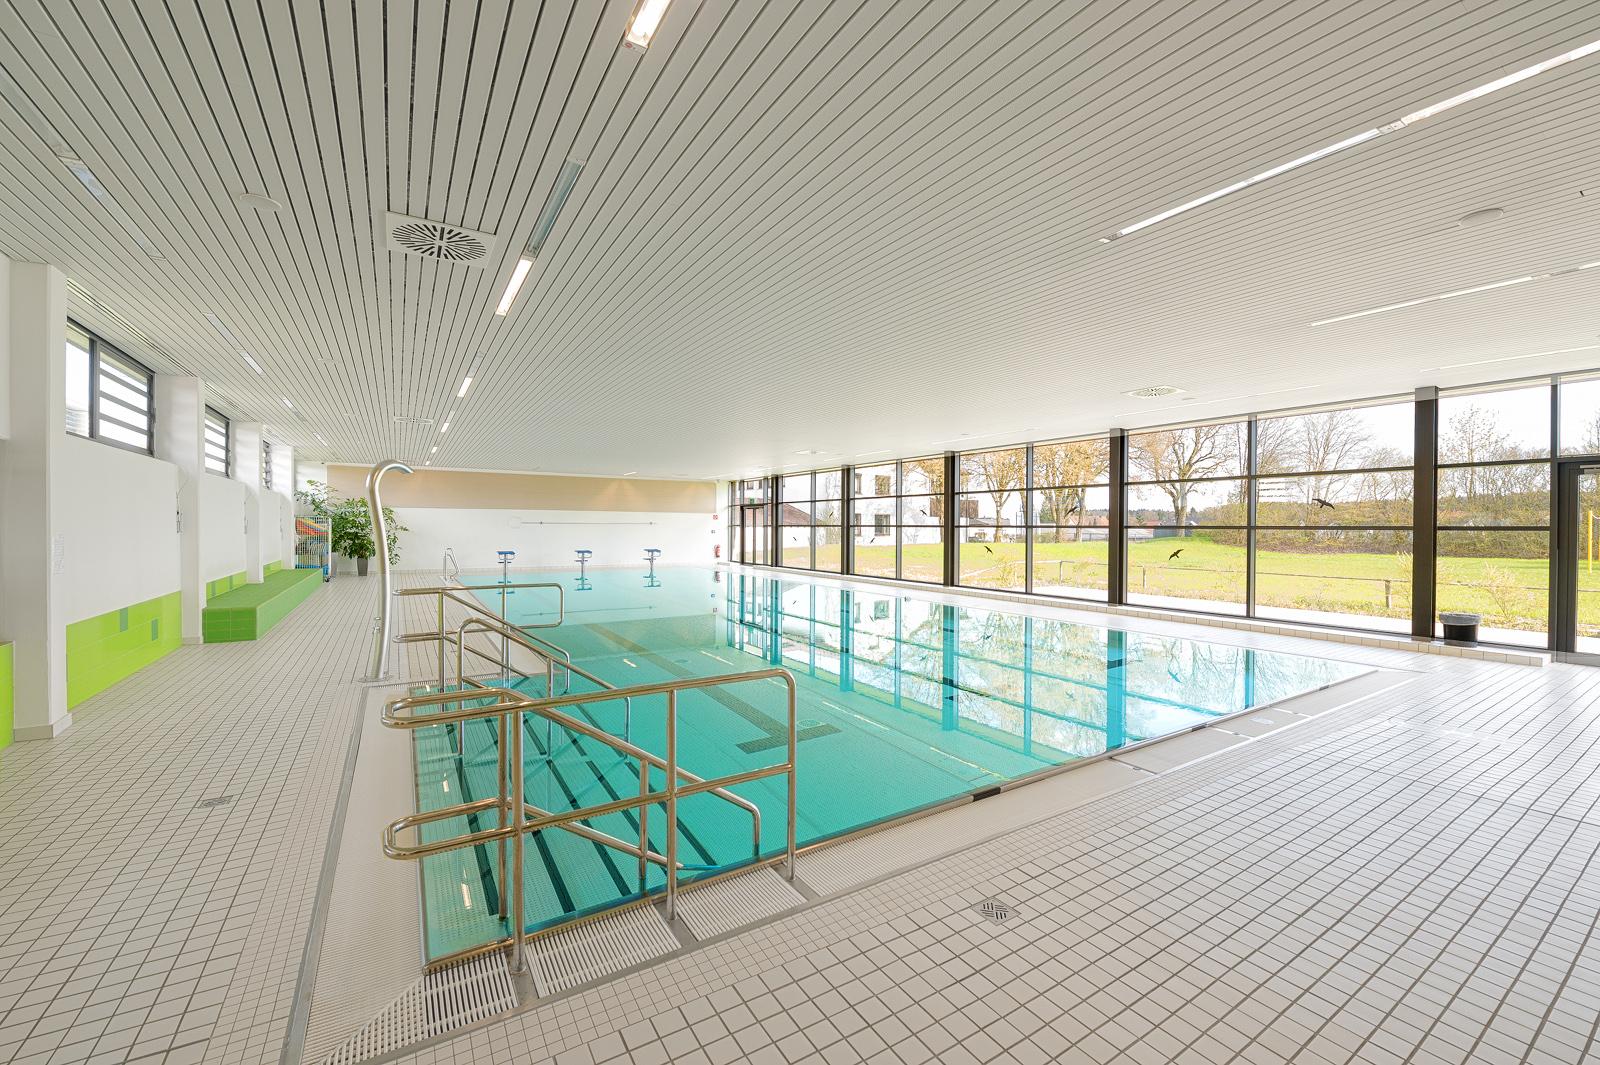 Kleinschwimmhalle Laichingen